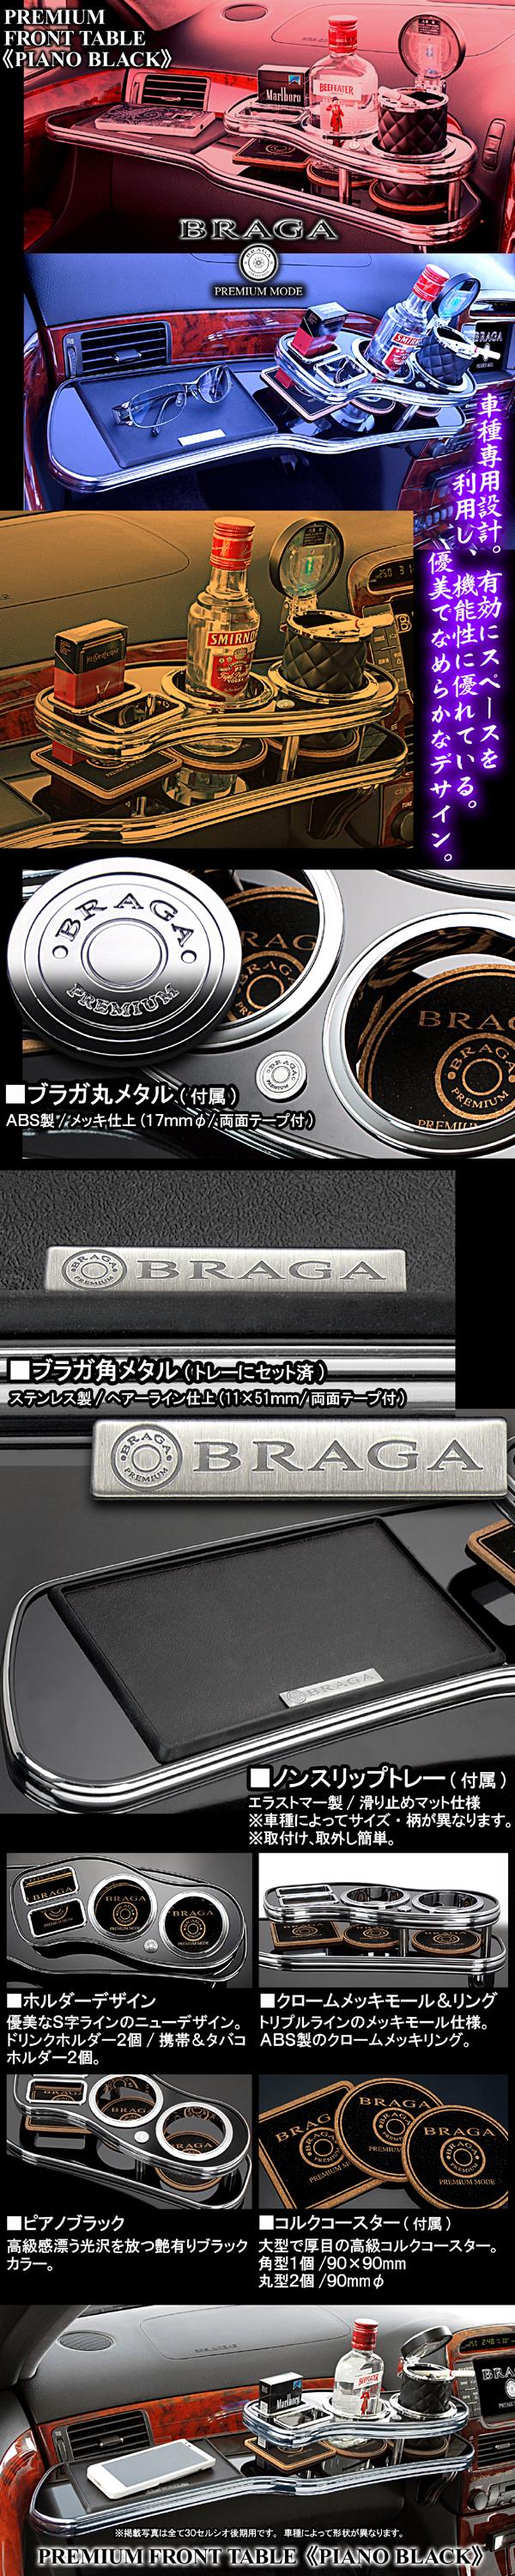 《ピアノブラック》フロントテーブル/トレー&コースター付[日本製]